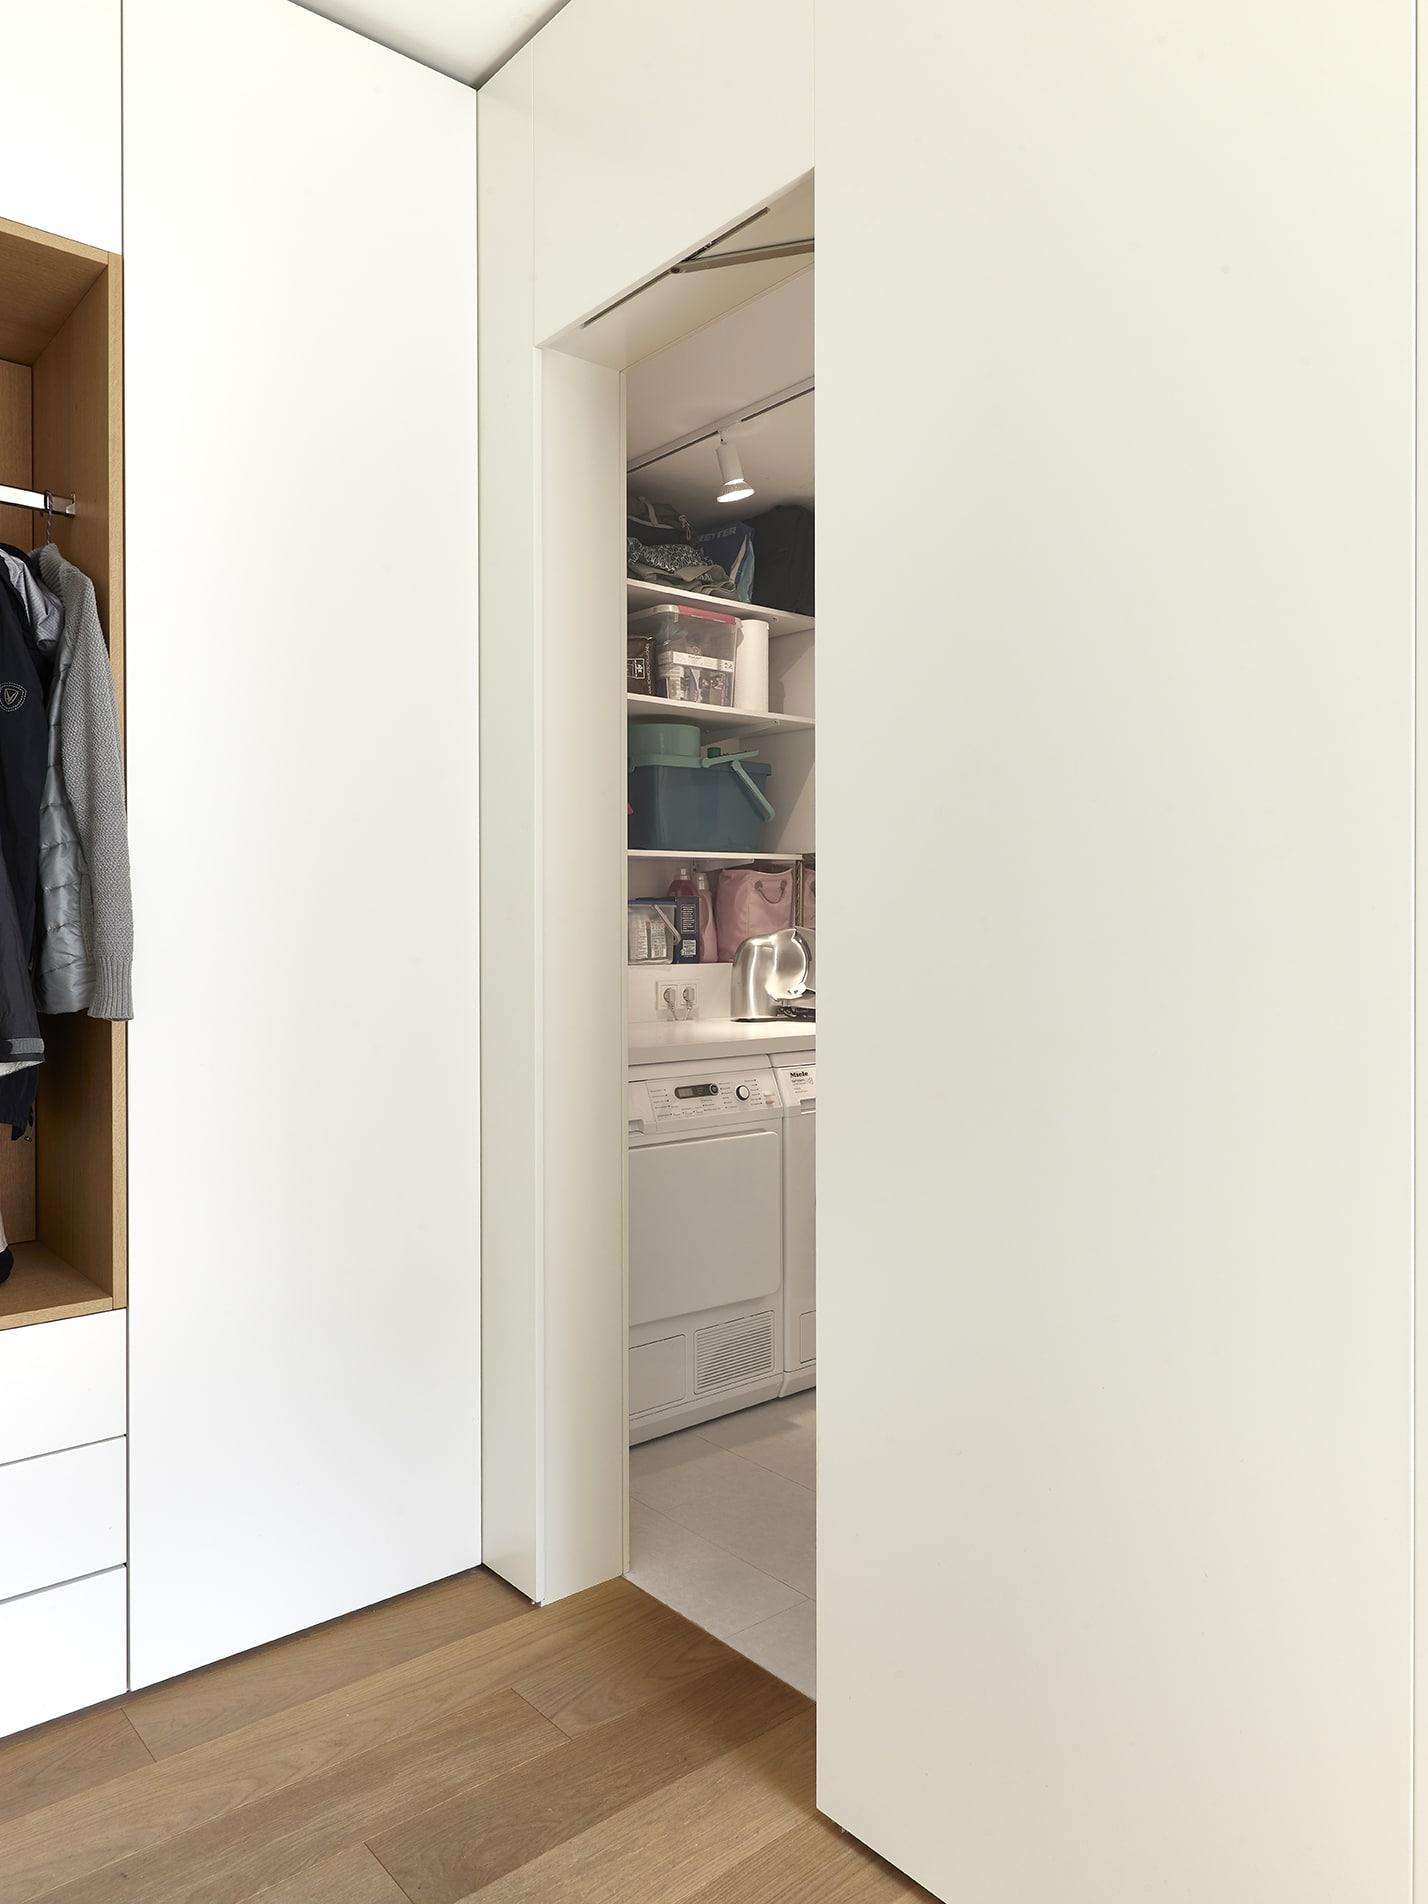 Inneneinrichtungsdesign von Voit, Küche mit weißen Fronten und schwarzer Arbeitsplatte, Eiche natur, BetonART, Mattlack weiß, Edelstahl als zusätzliche Materialien - Blick in die Waschküche mit Einbaulösungen